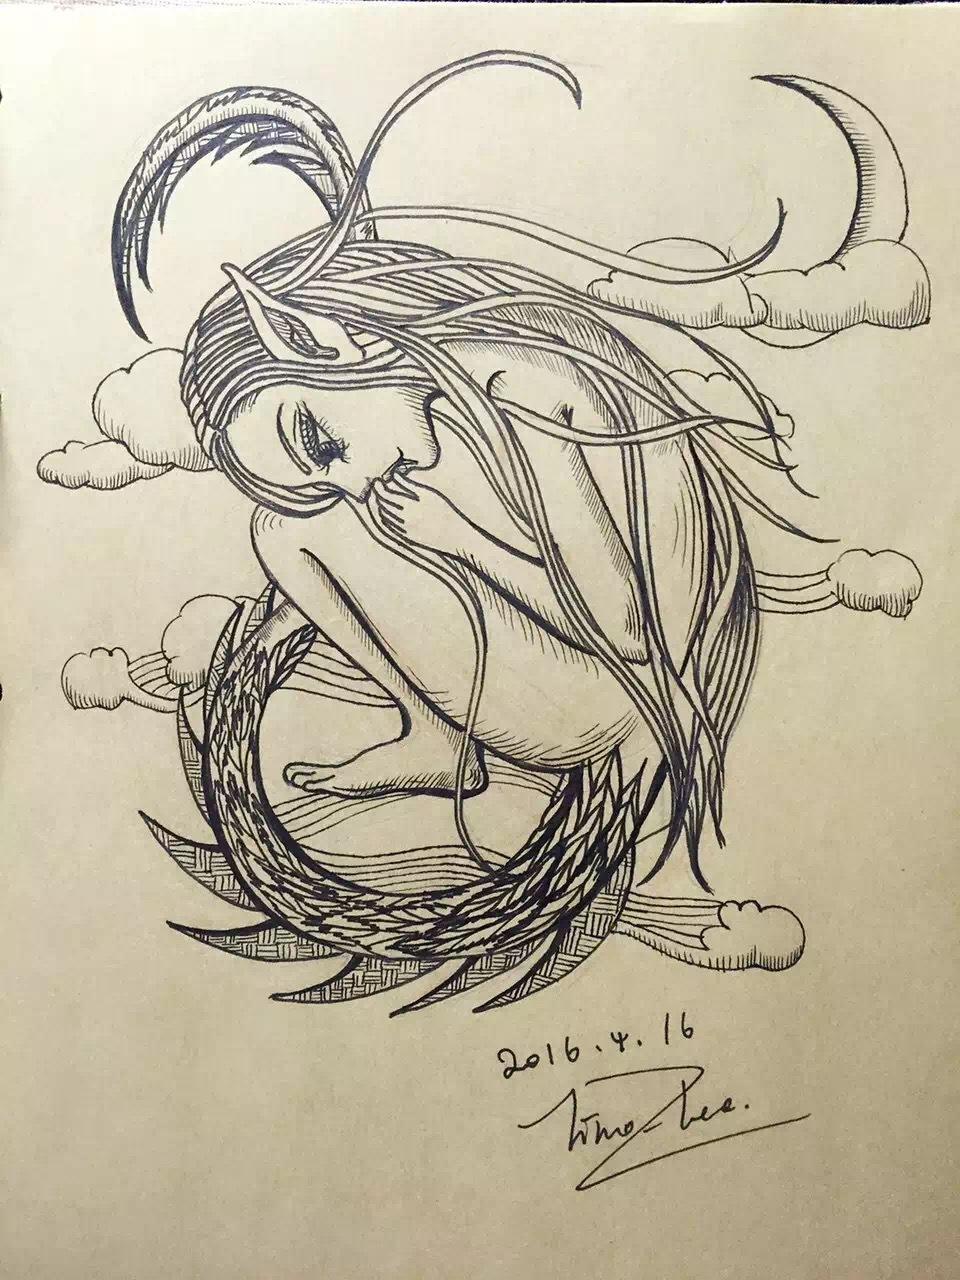 手绘|纯艺术|其他艺创|李公公 - 原创作品 - 站酷